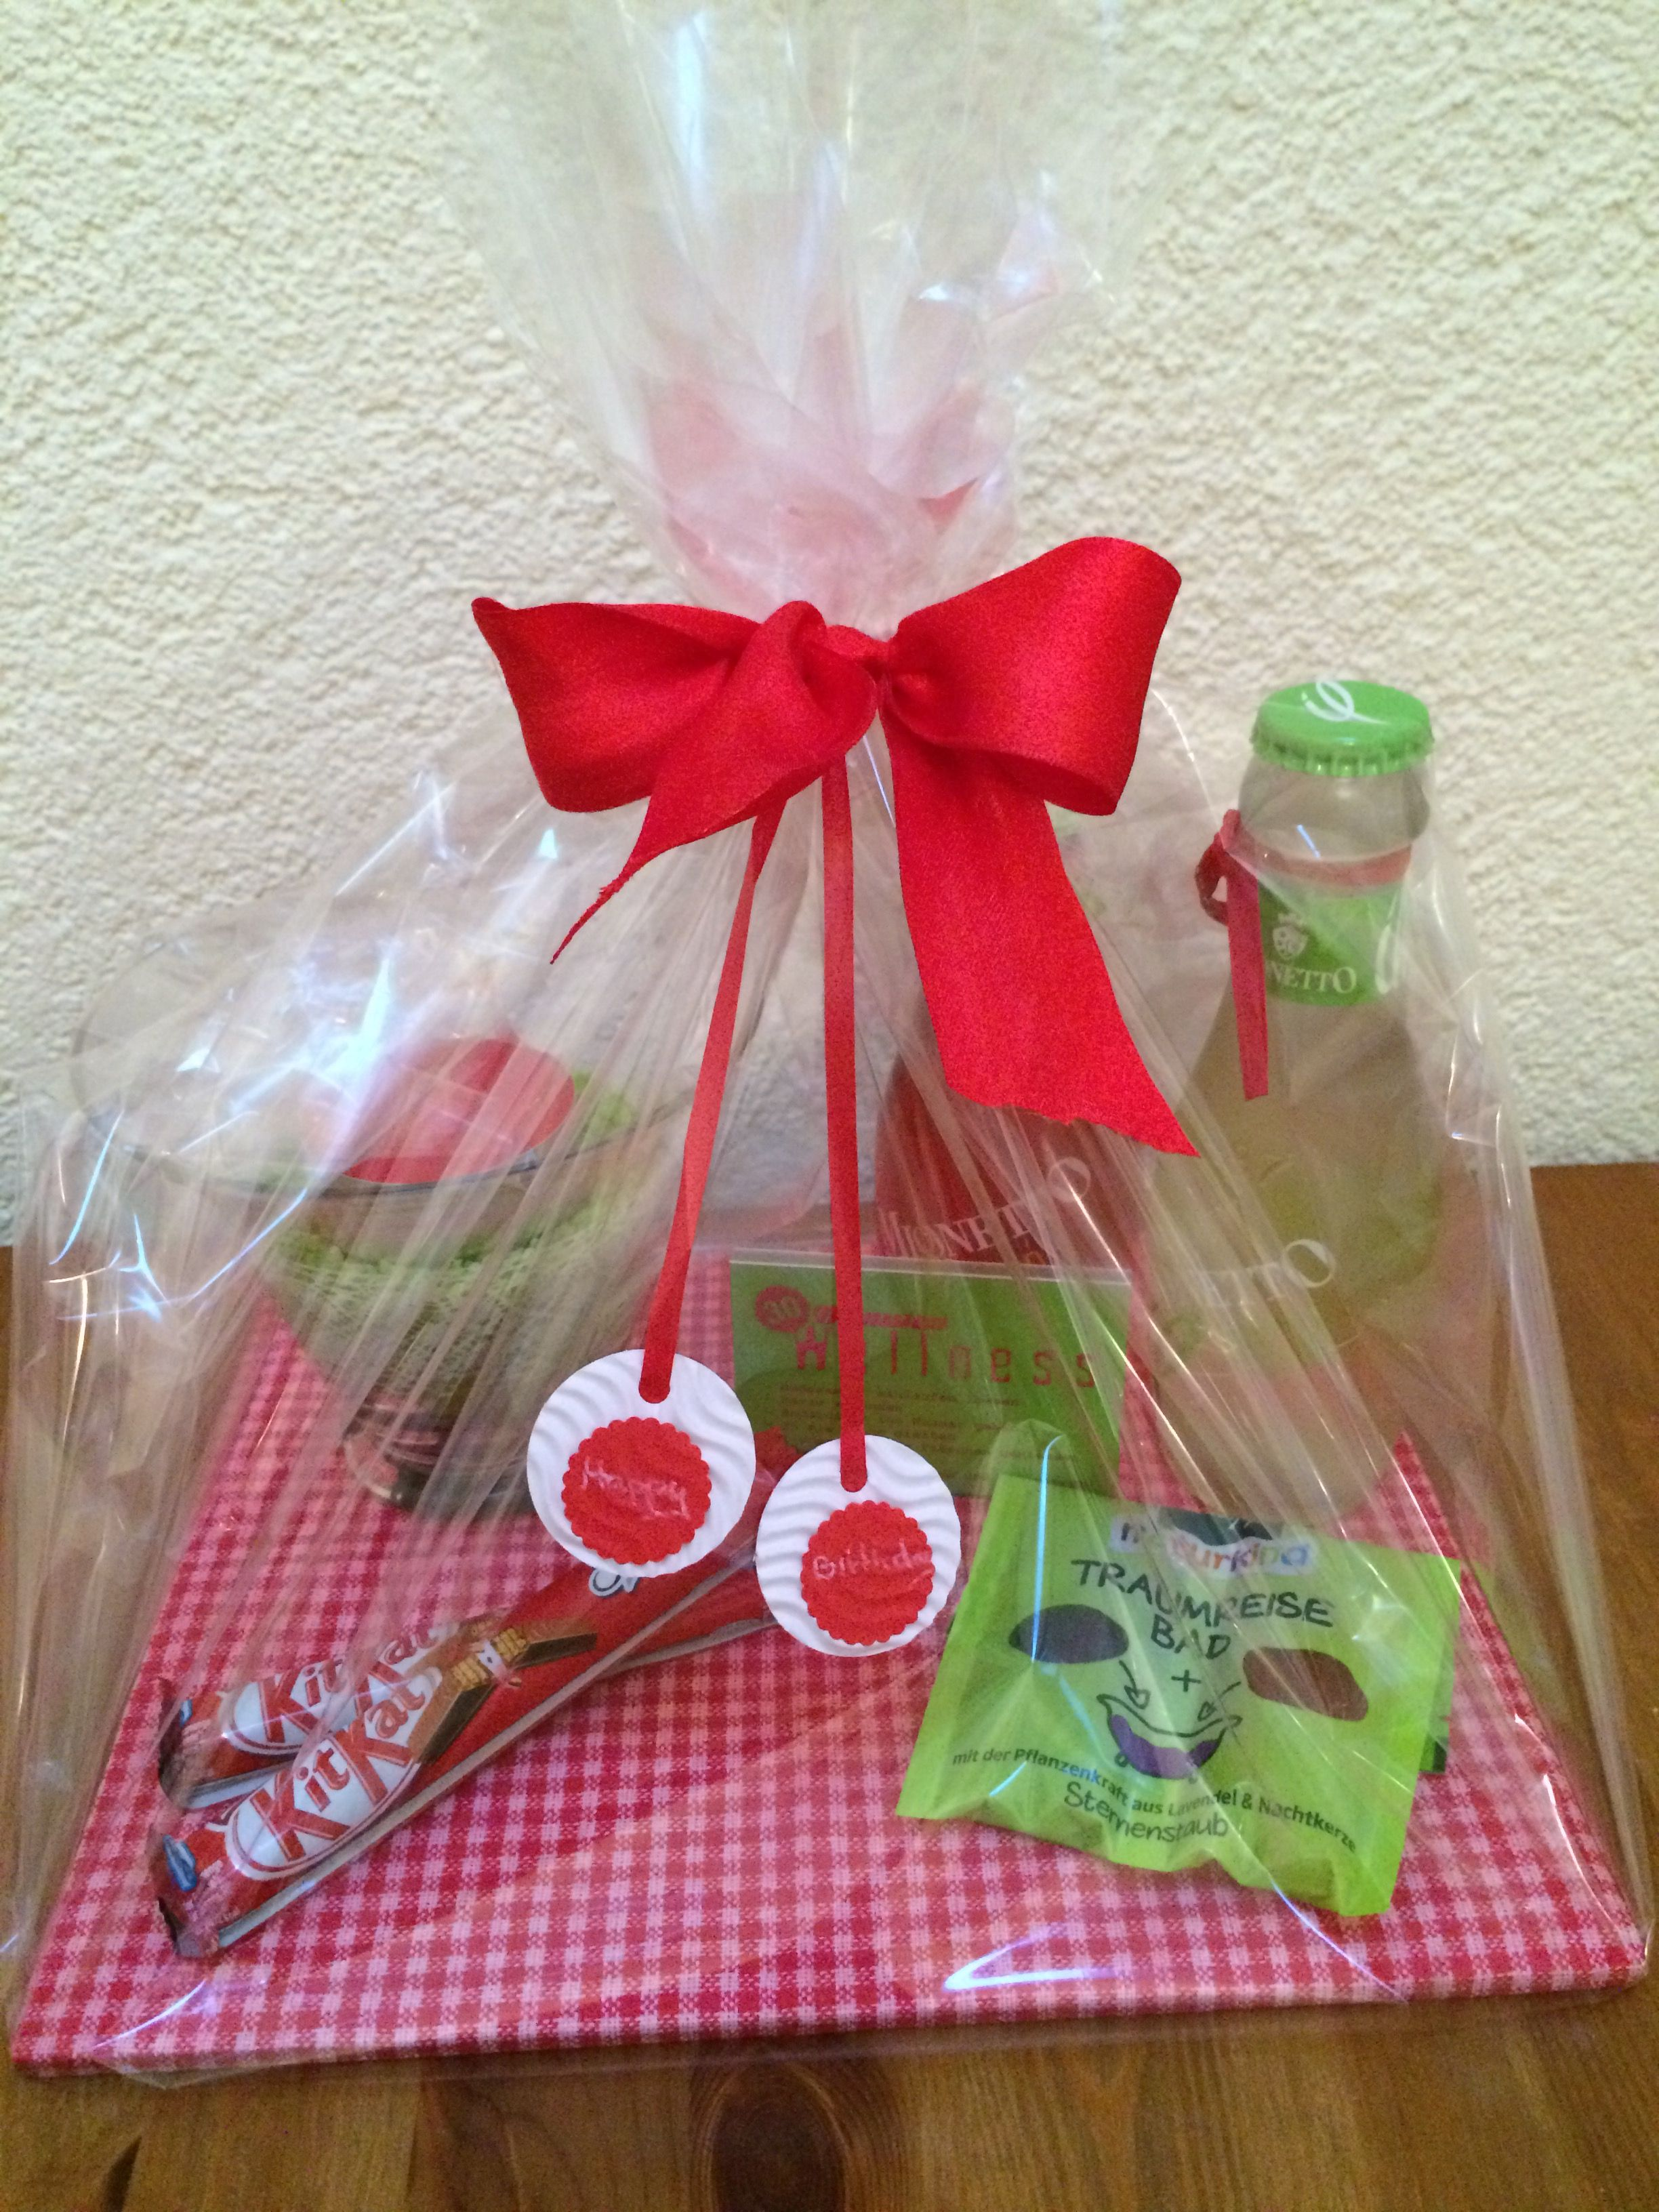 Kleines Geschenk Fur Eine Liebe Freundin 30 Minuten Wellness Fur Die Frau Geschenkideen Geschenke Kleine Geschenke